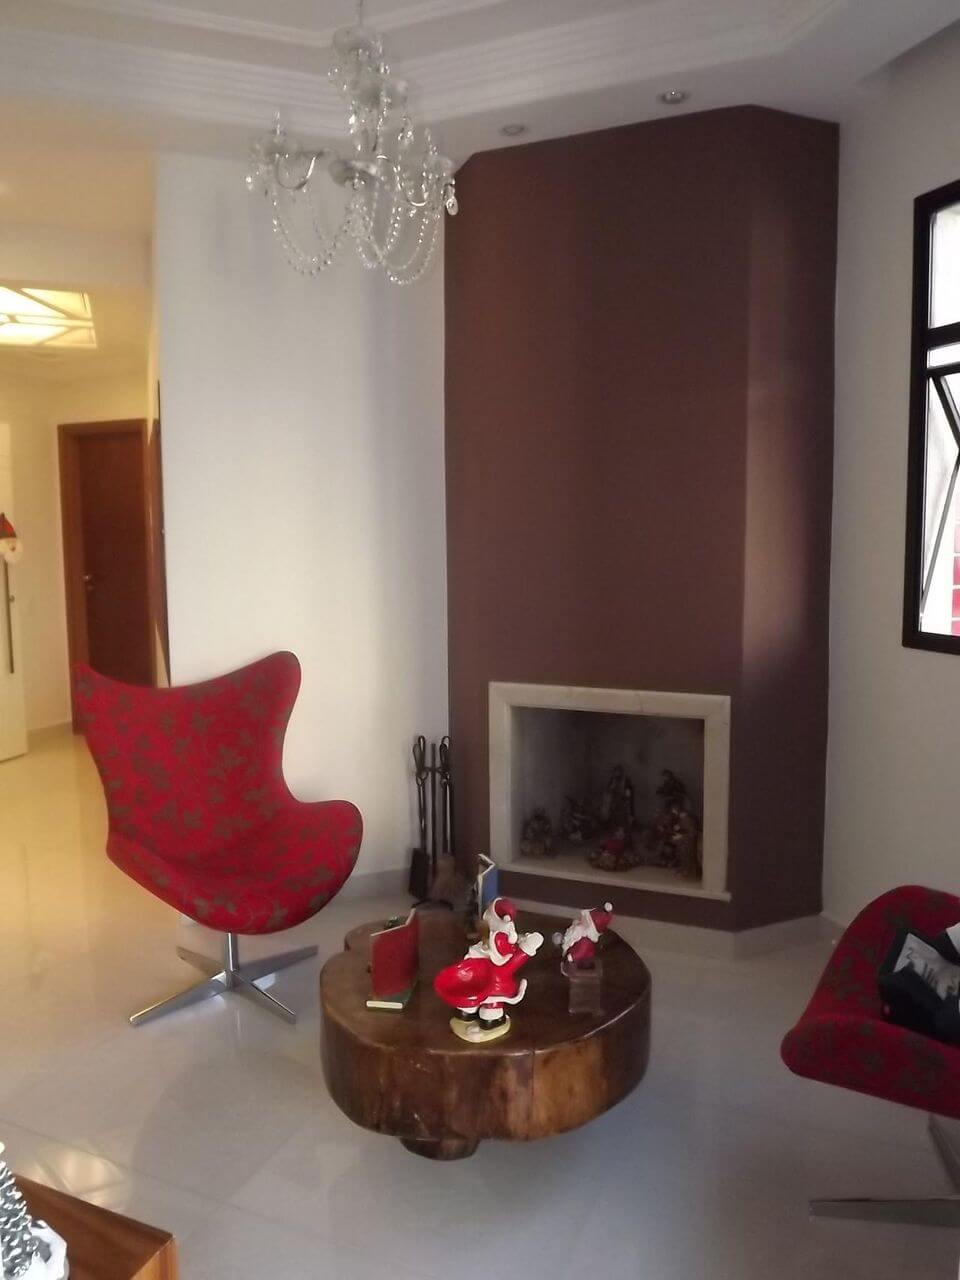 poltrona vermelha - sala de estar com poltronas vermelhas e mesa de centro rústica